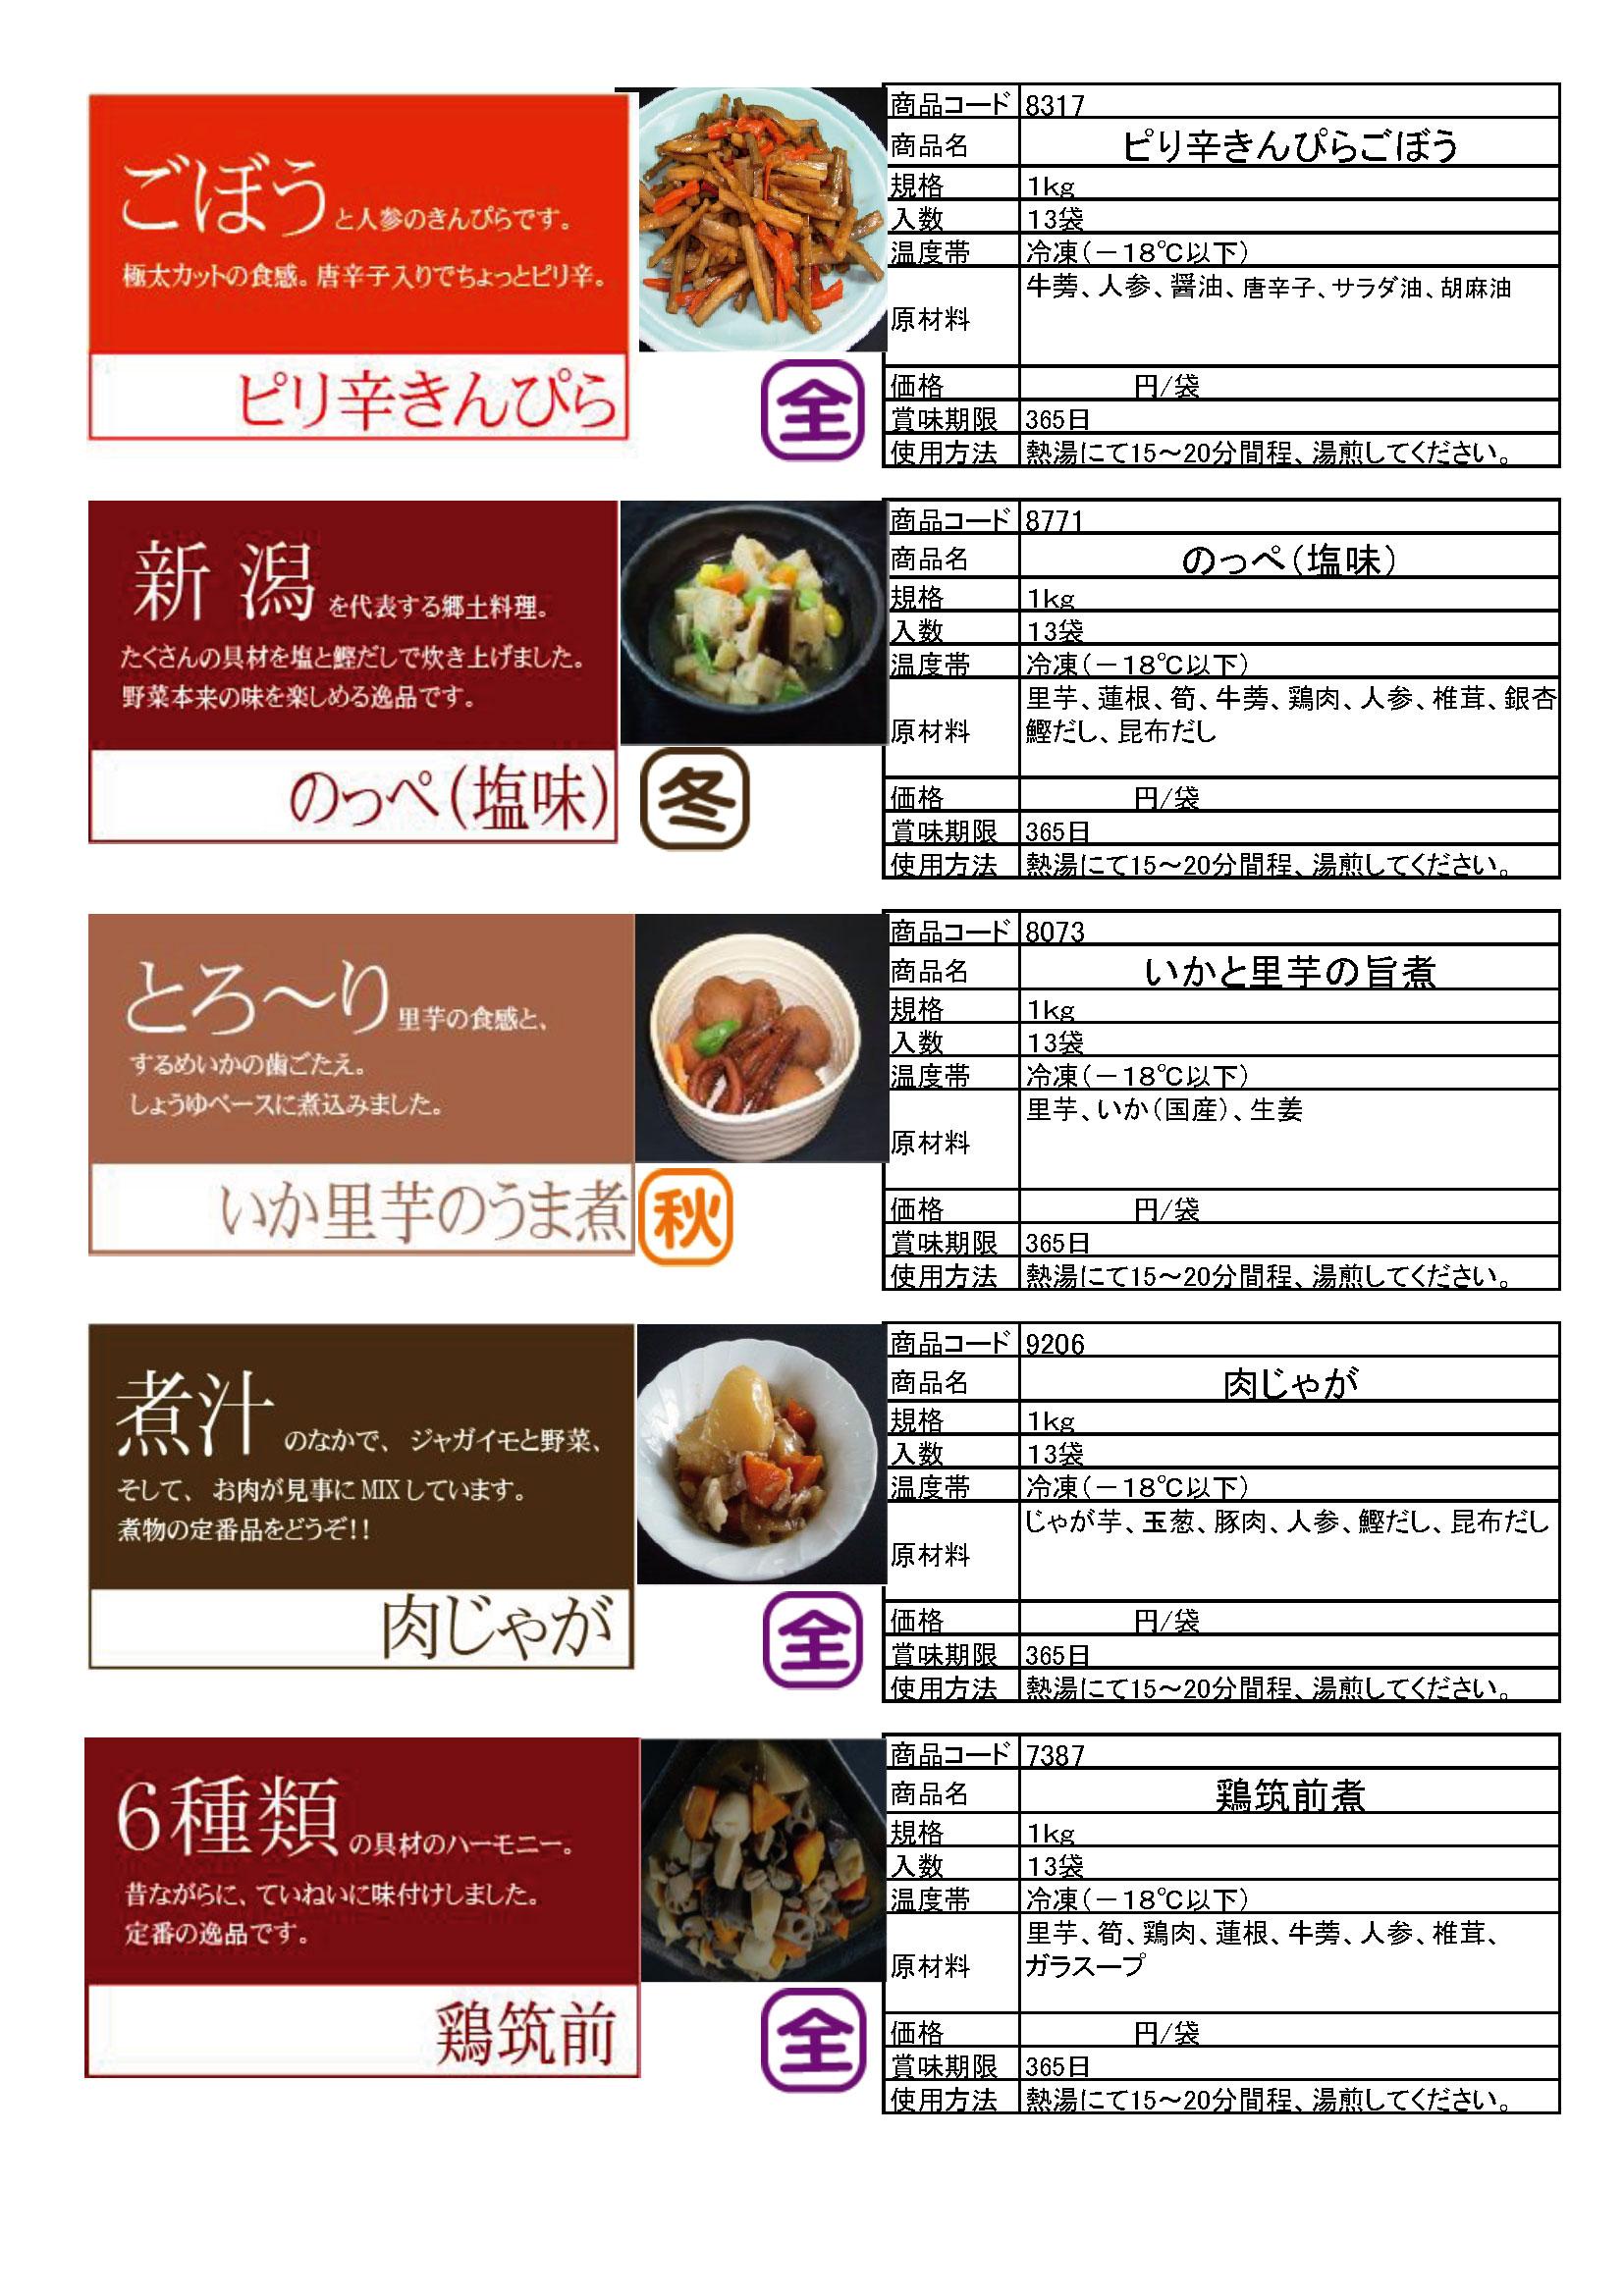 5.ピリ辛きんぴら・のっぺ(塩味)・いか里芋のうま煮・肉じゃが・鶏筑前